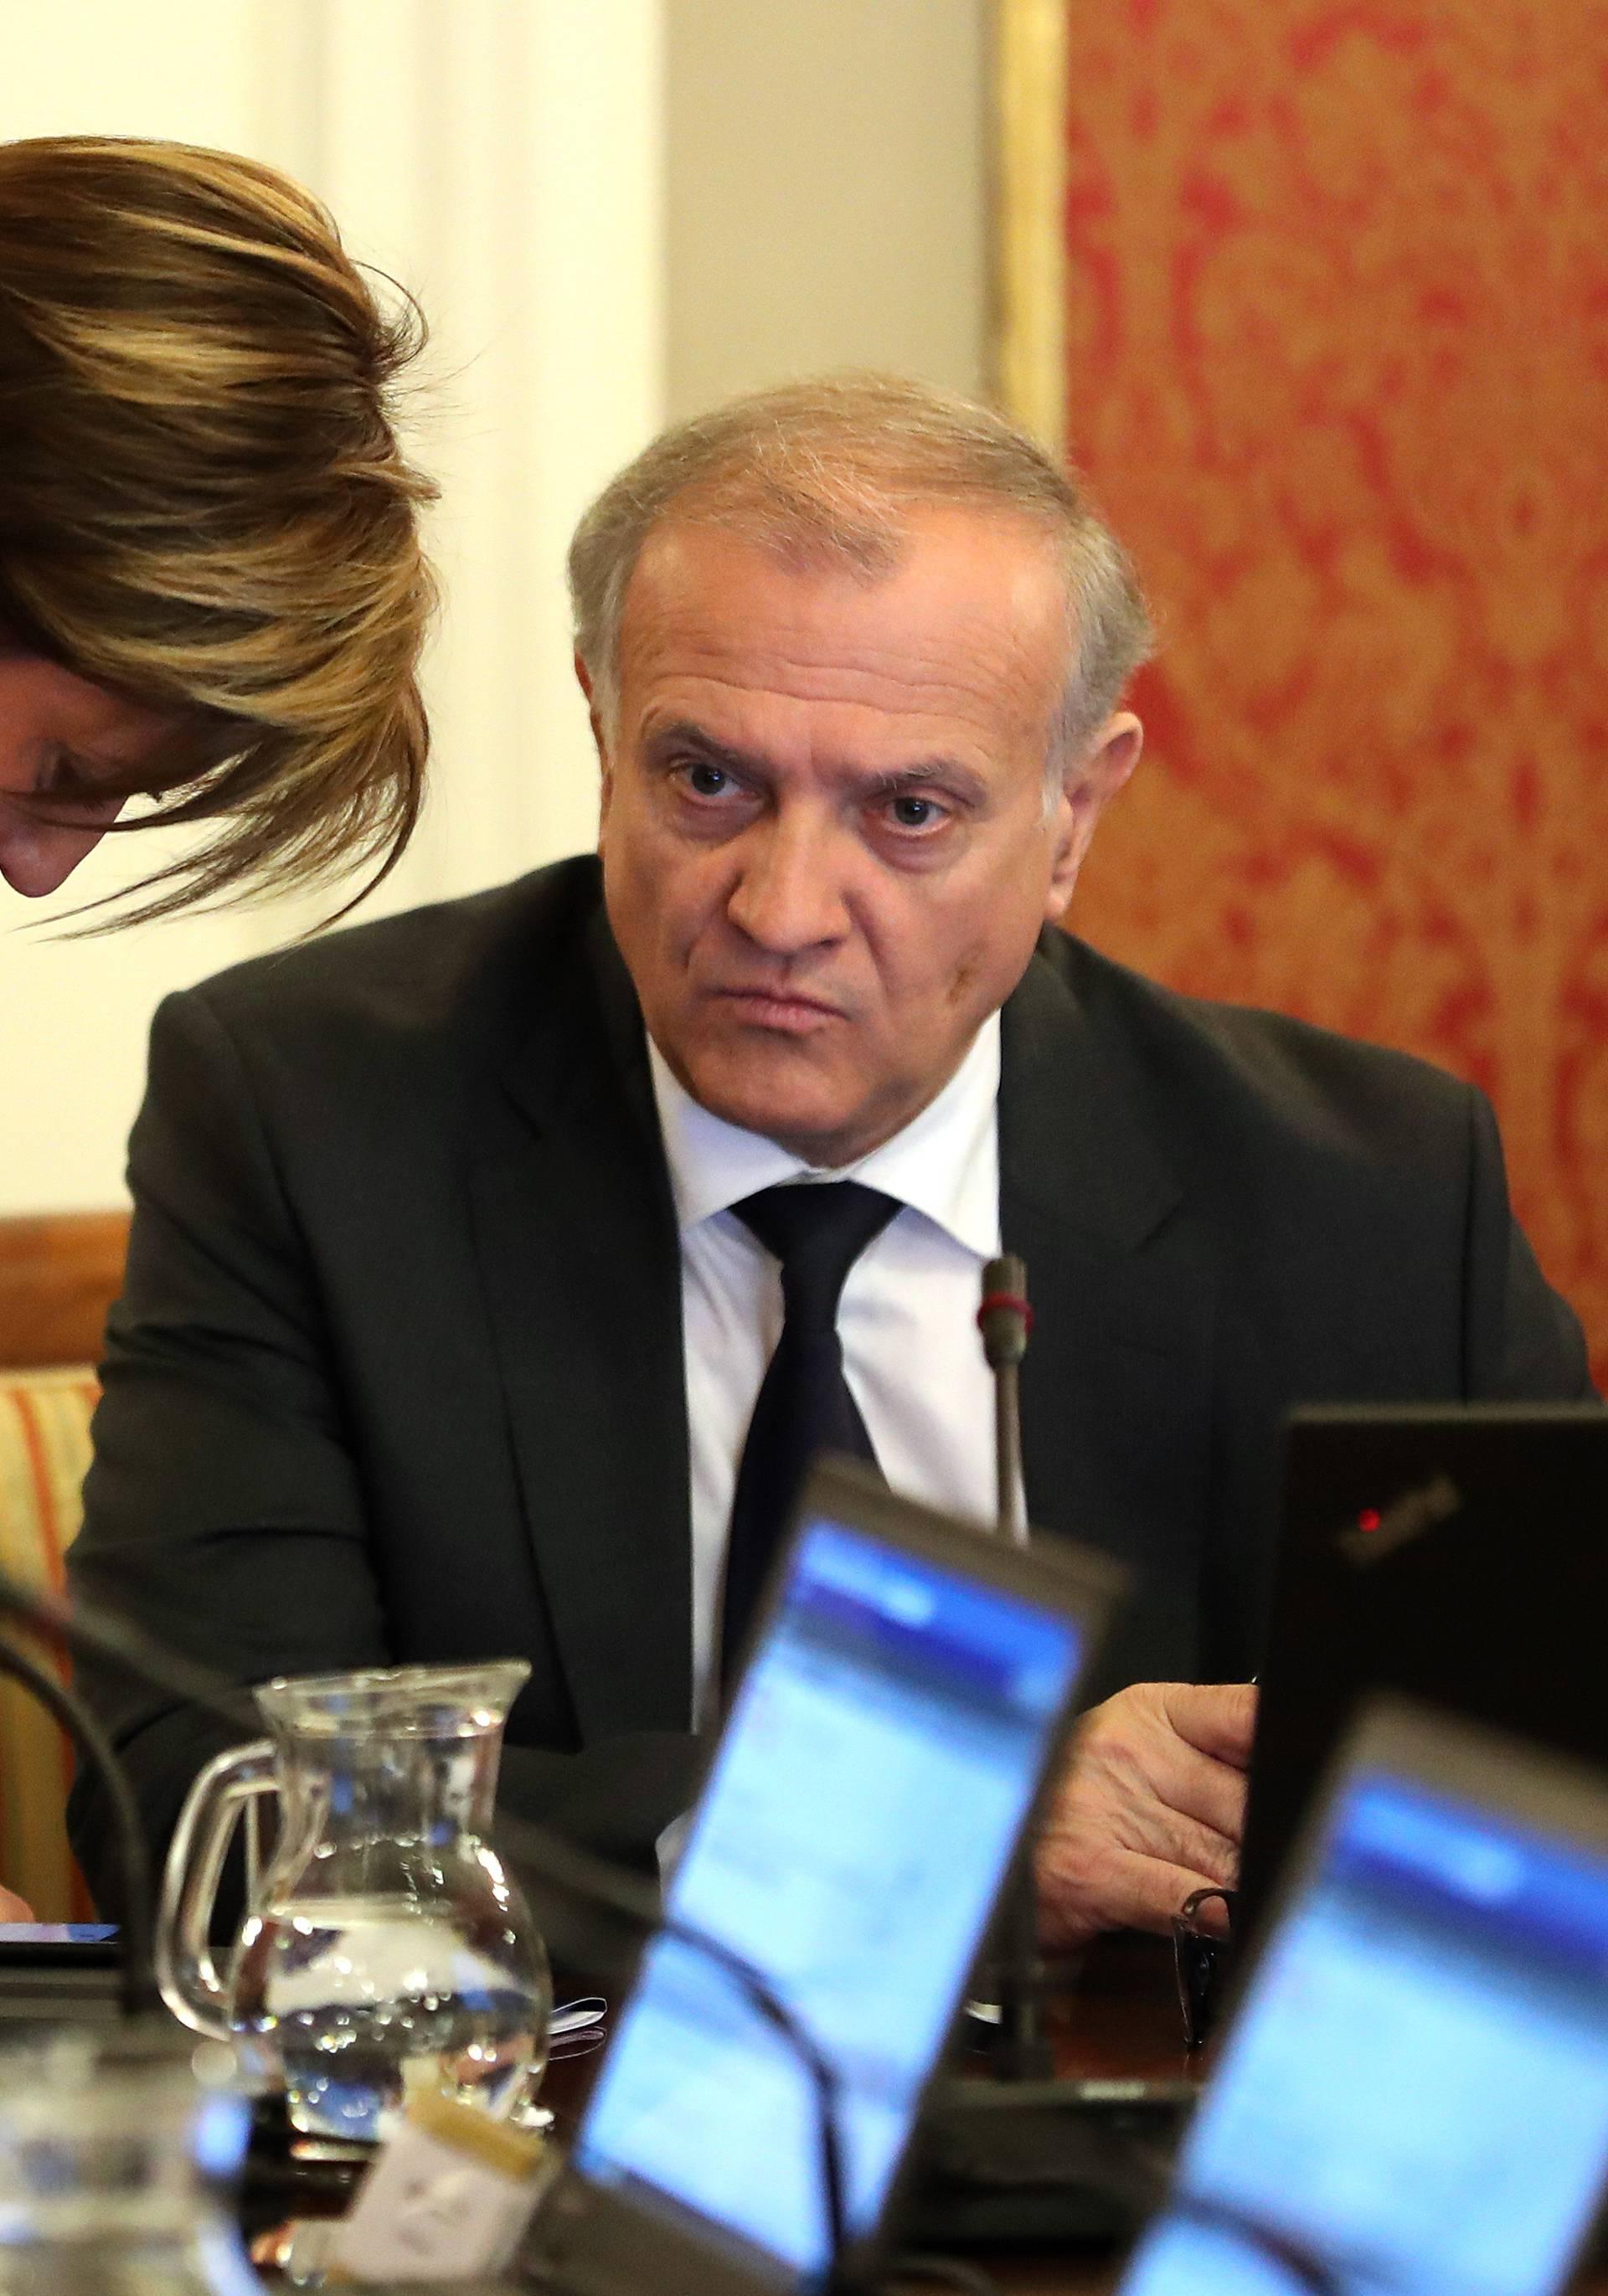 Bošnjaković: Ribarima moramo pružiti pravnu pomoć i žaliti se